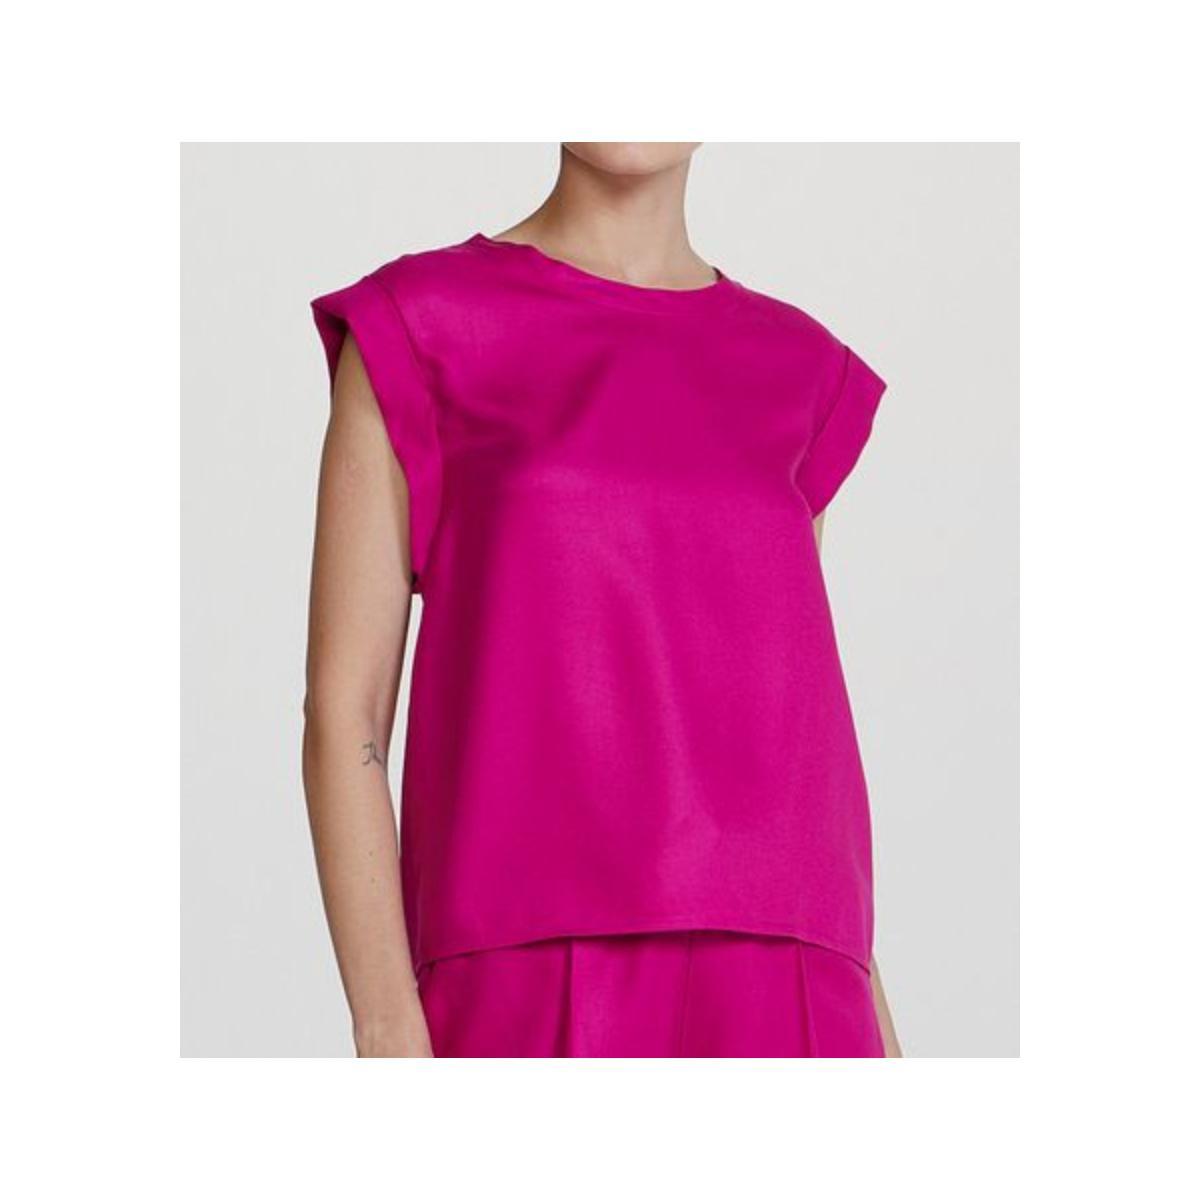 Blusa Feminina Hering Hf2q K37en Pink